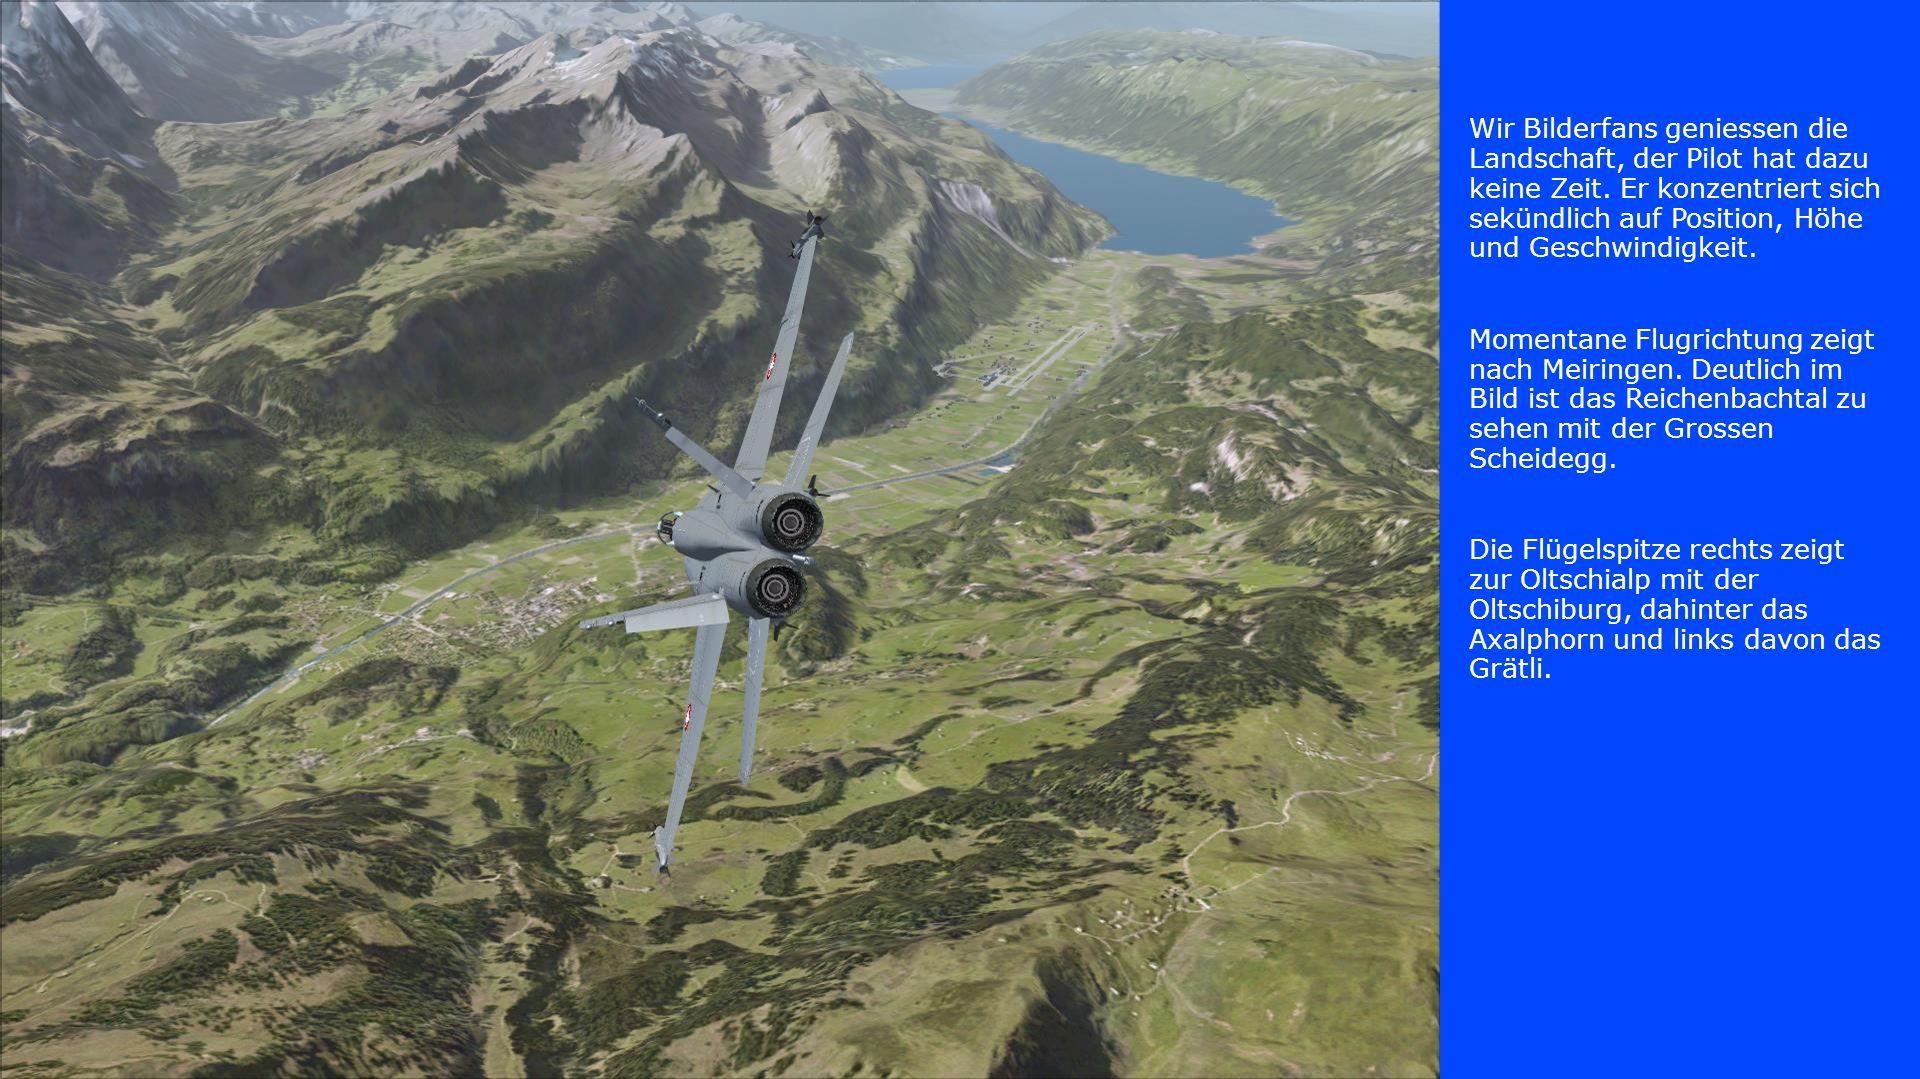 Wir Bilderfans geniessen die Landschaft, der Pilot hat dazu keine Zeit